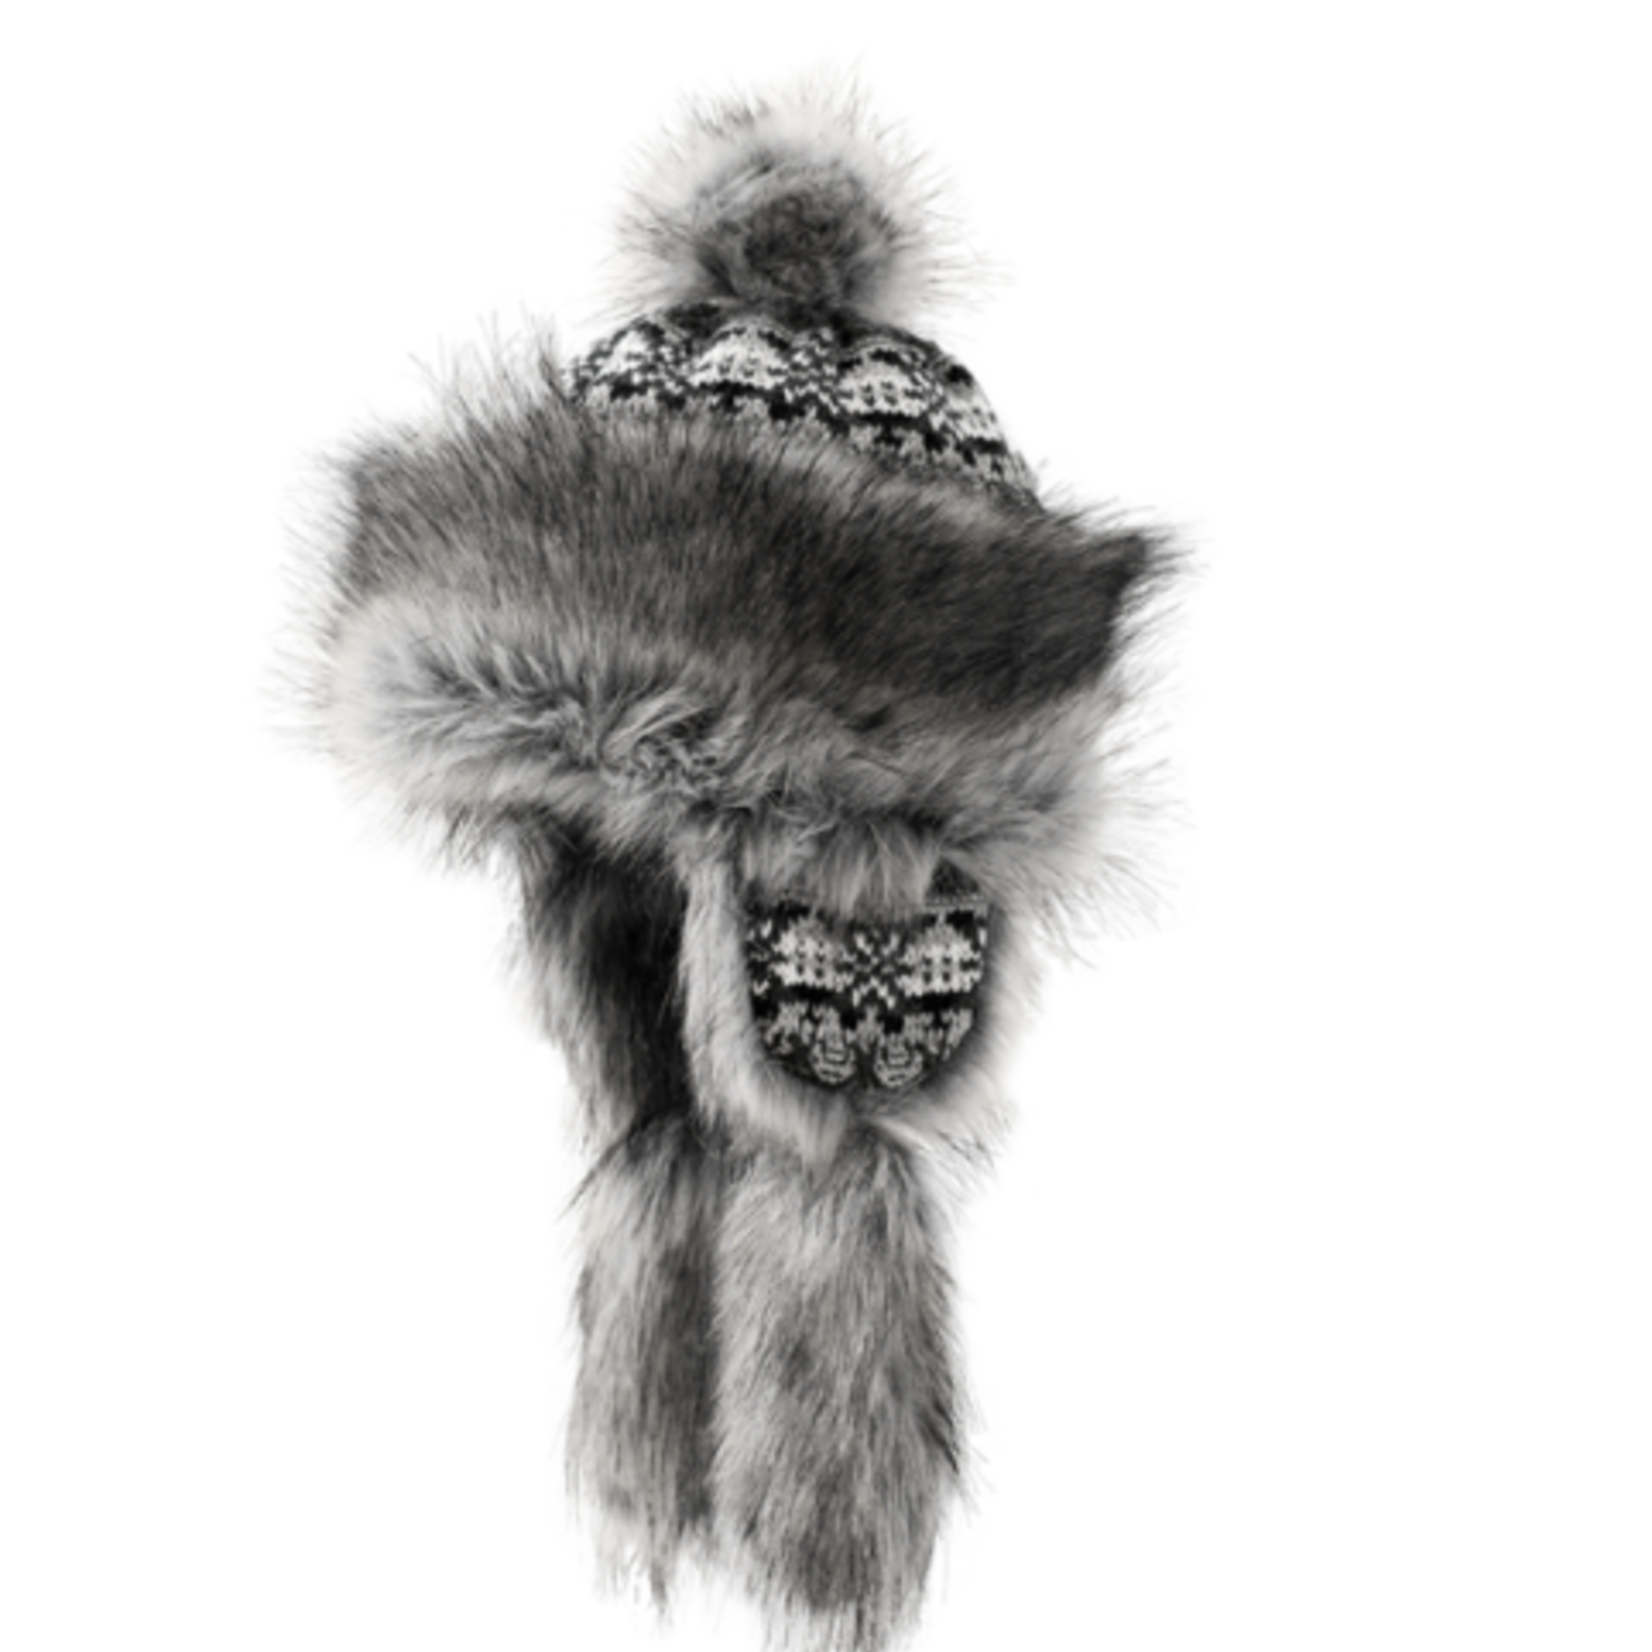 Starling Starling Legenda Hat